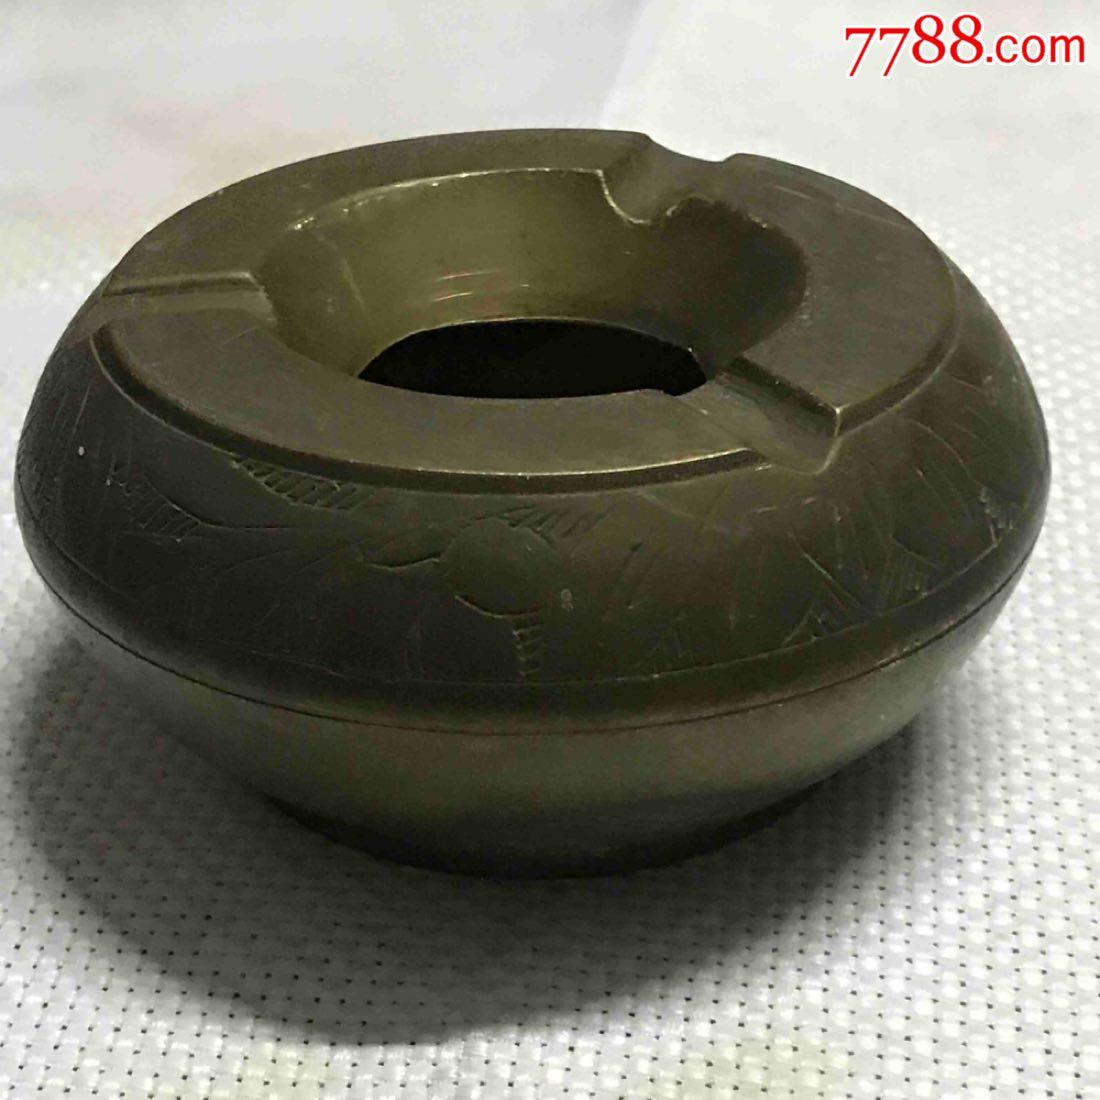 铜杂件烟缸带工铜黄铜烟缸小众铜器摆件日用保真(zc21107468)_